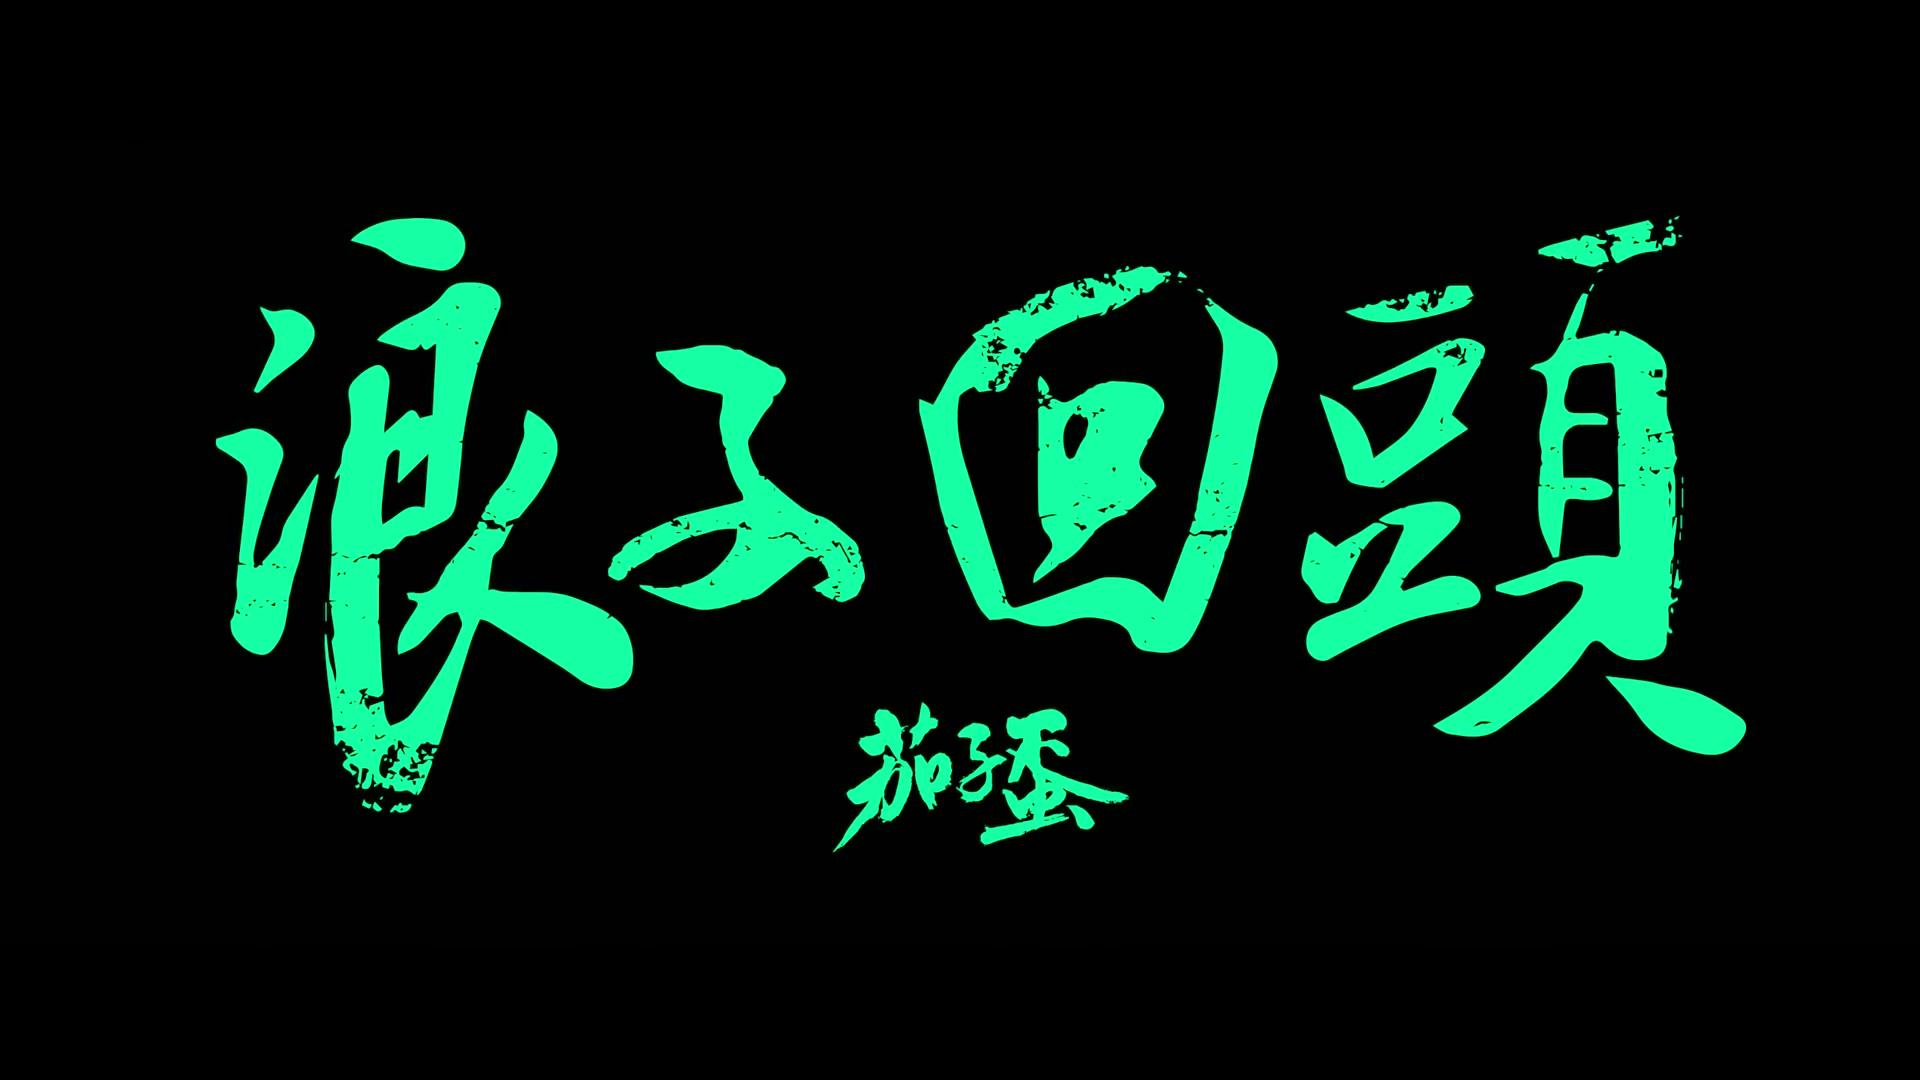 2019最火的歌曲排行榜_图文推荐 2019年抖音最火的歌曲排行榜,抖音歌曲大